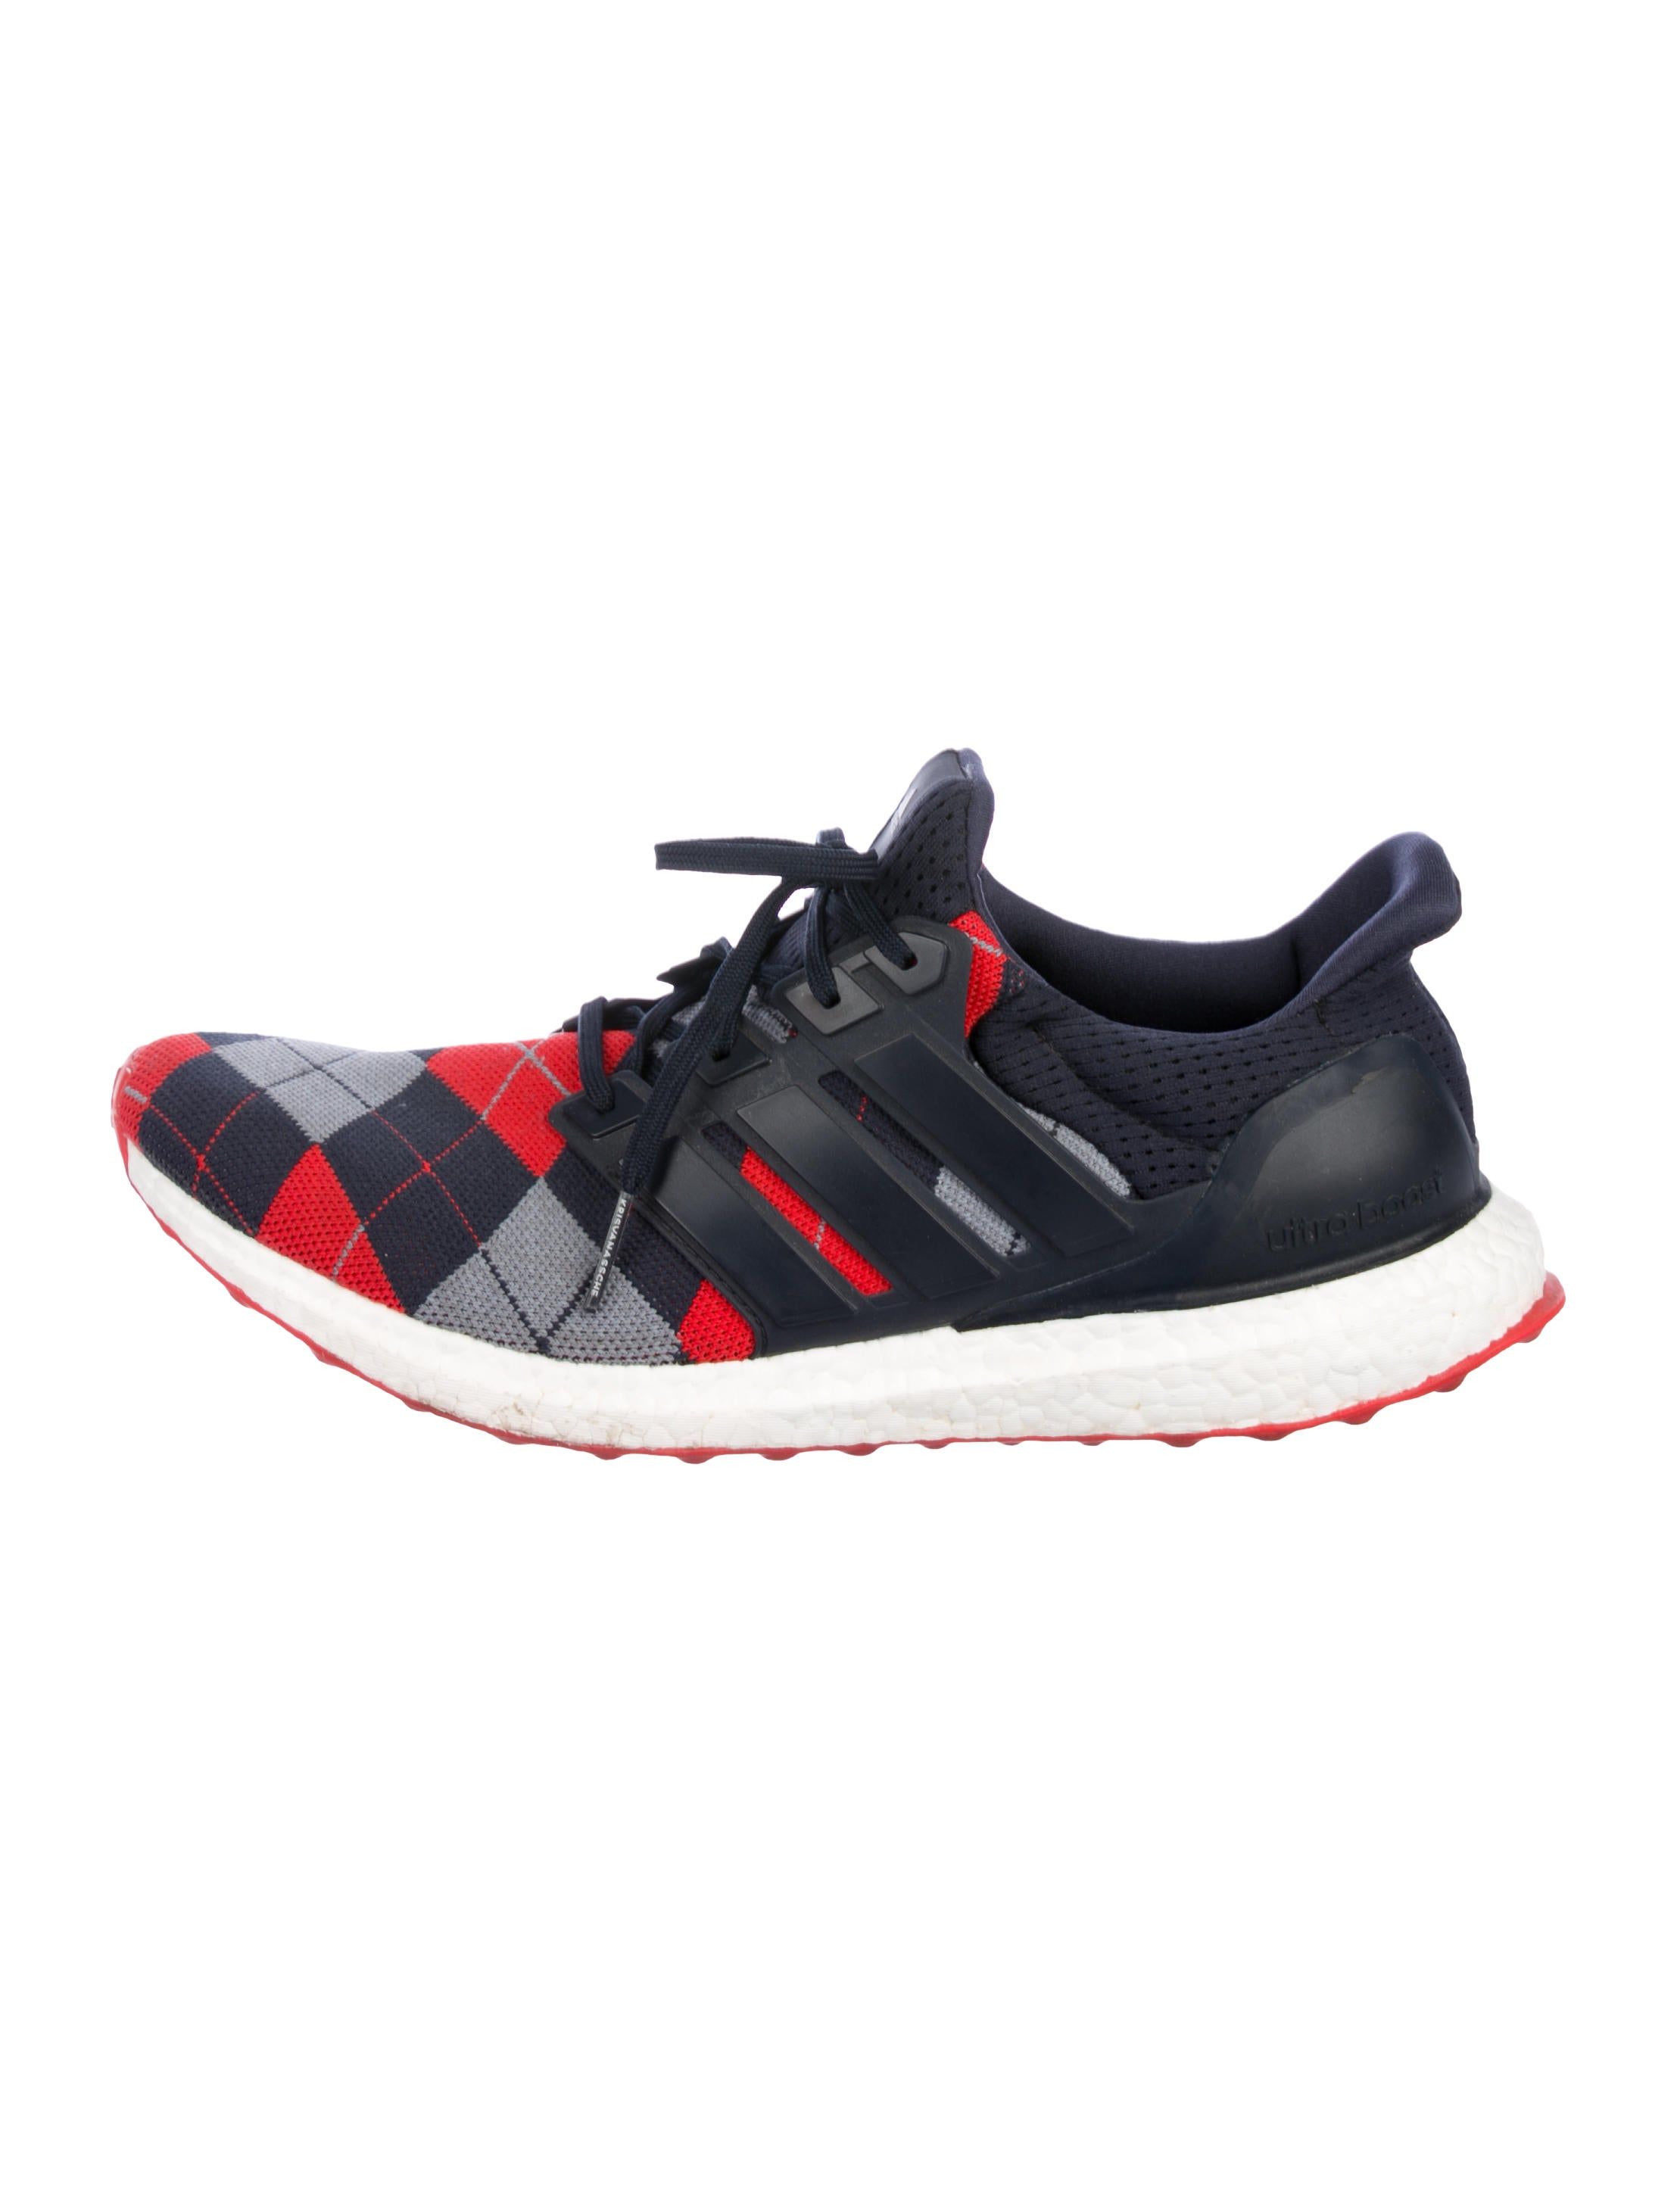 Adidas Ultra Boost Kris Van Assche Navy Sneakers Shoes